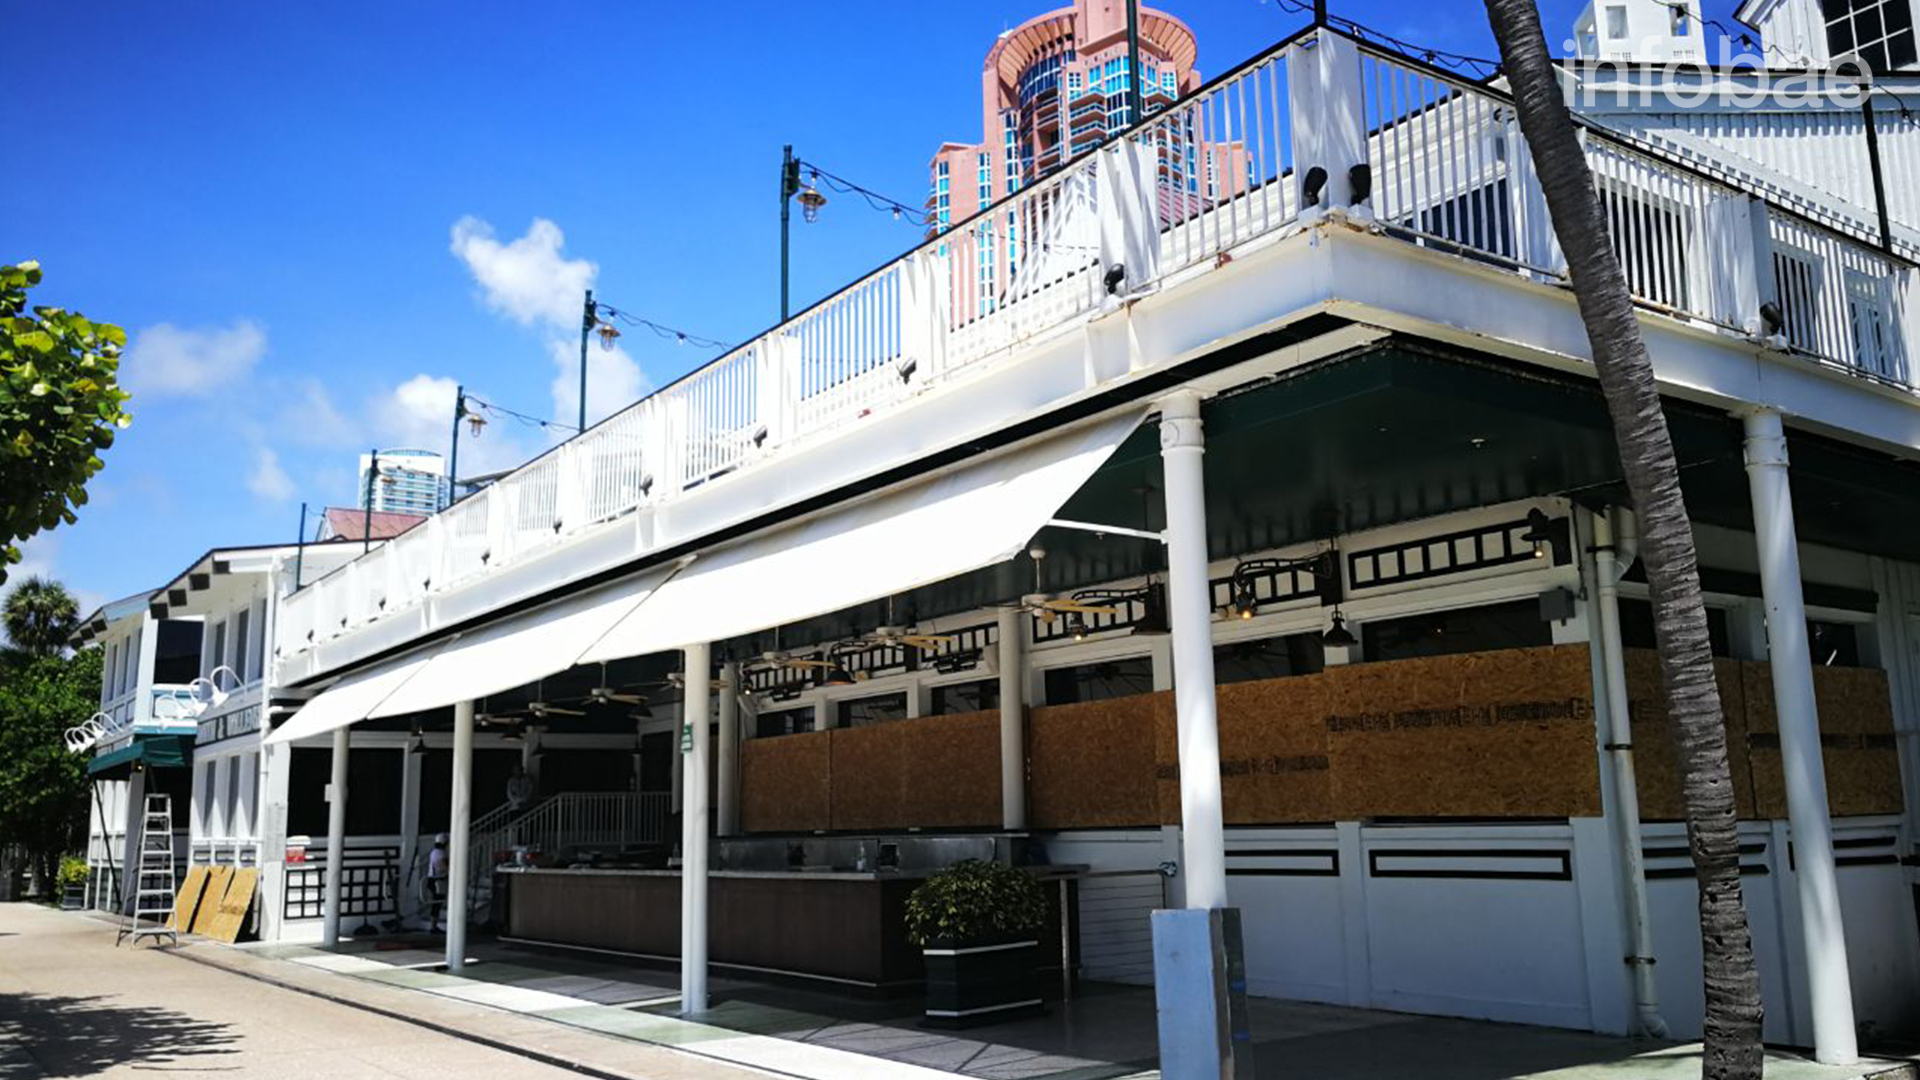 Locales en South Point, Miami. Los locales gastronómicos ya cerraron sus puertas y están preparados para afrontar el huracán Irma (Infobae)